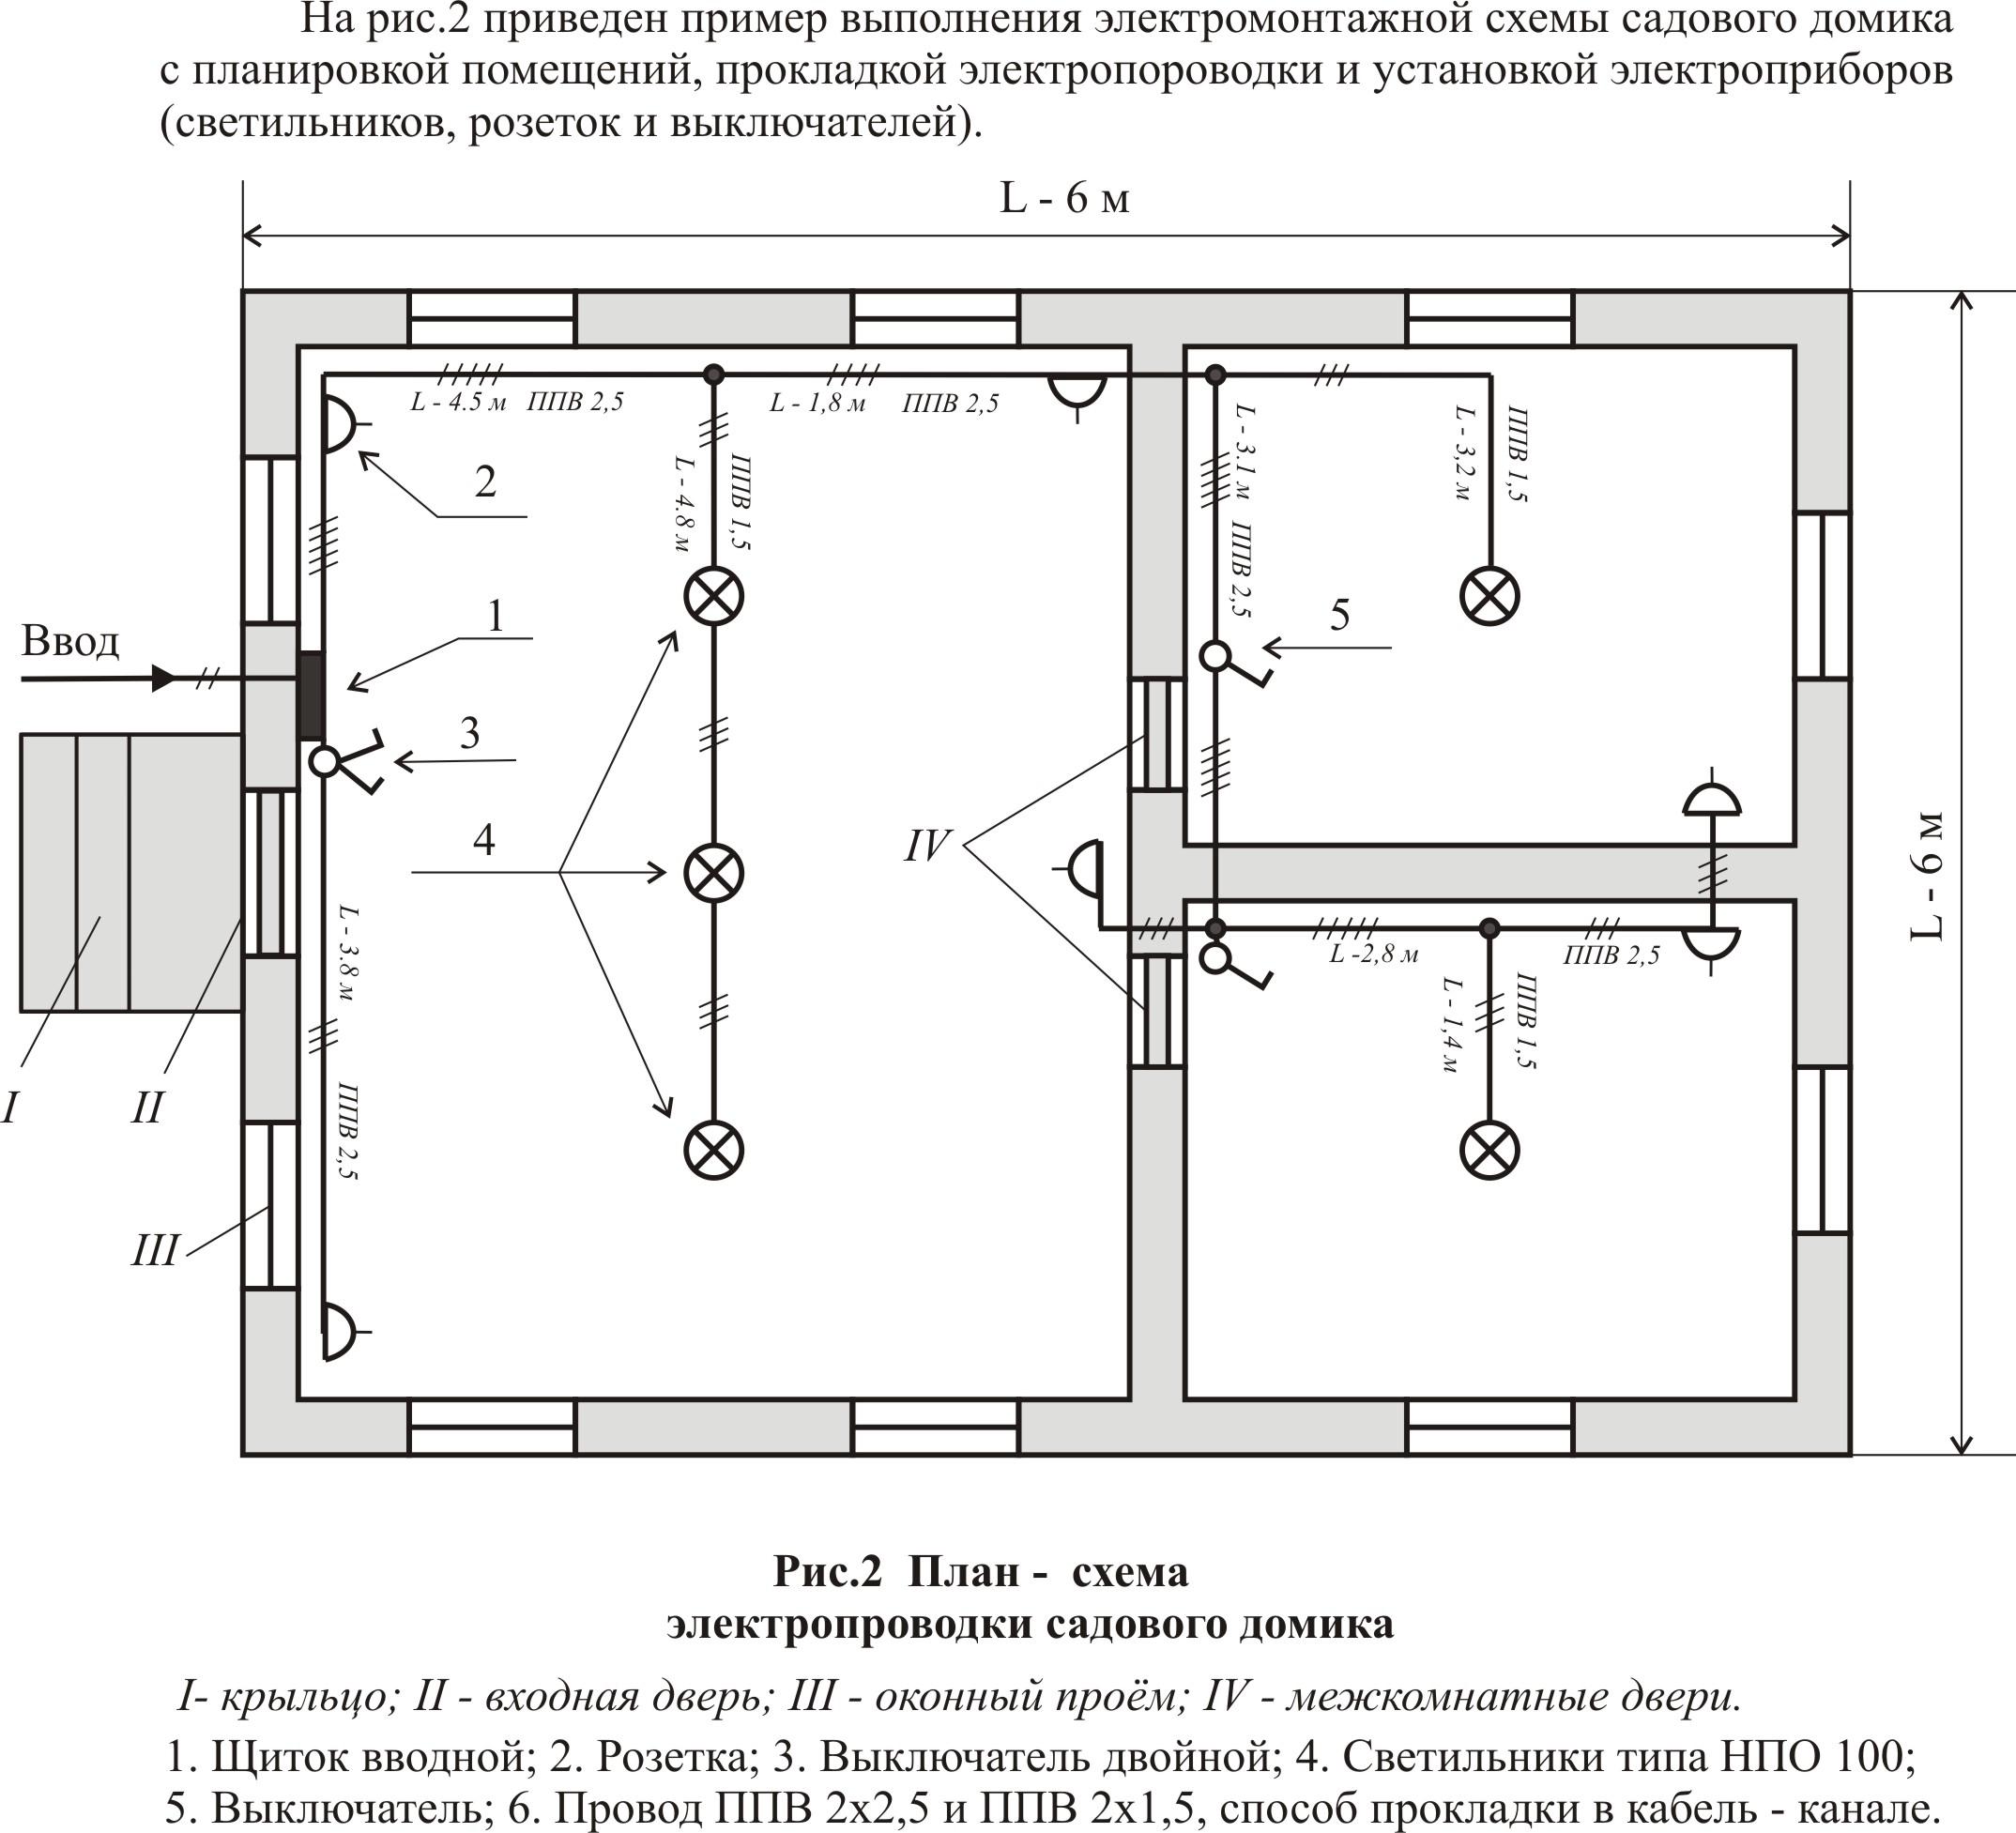 линейная схема электрощитовой